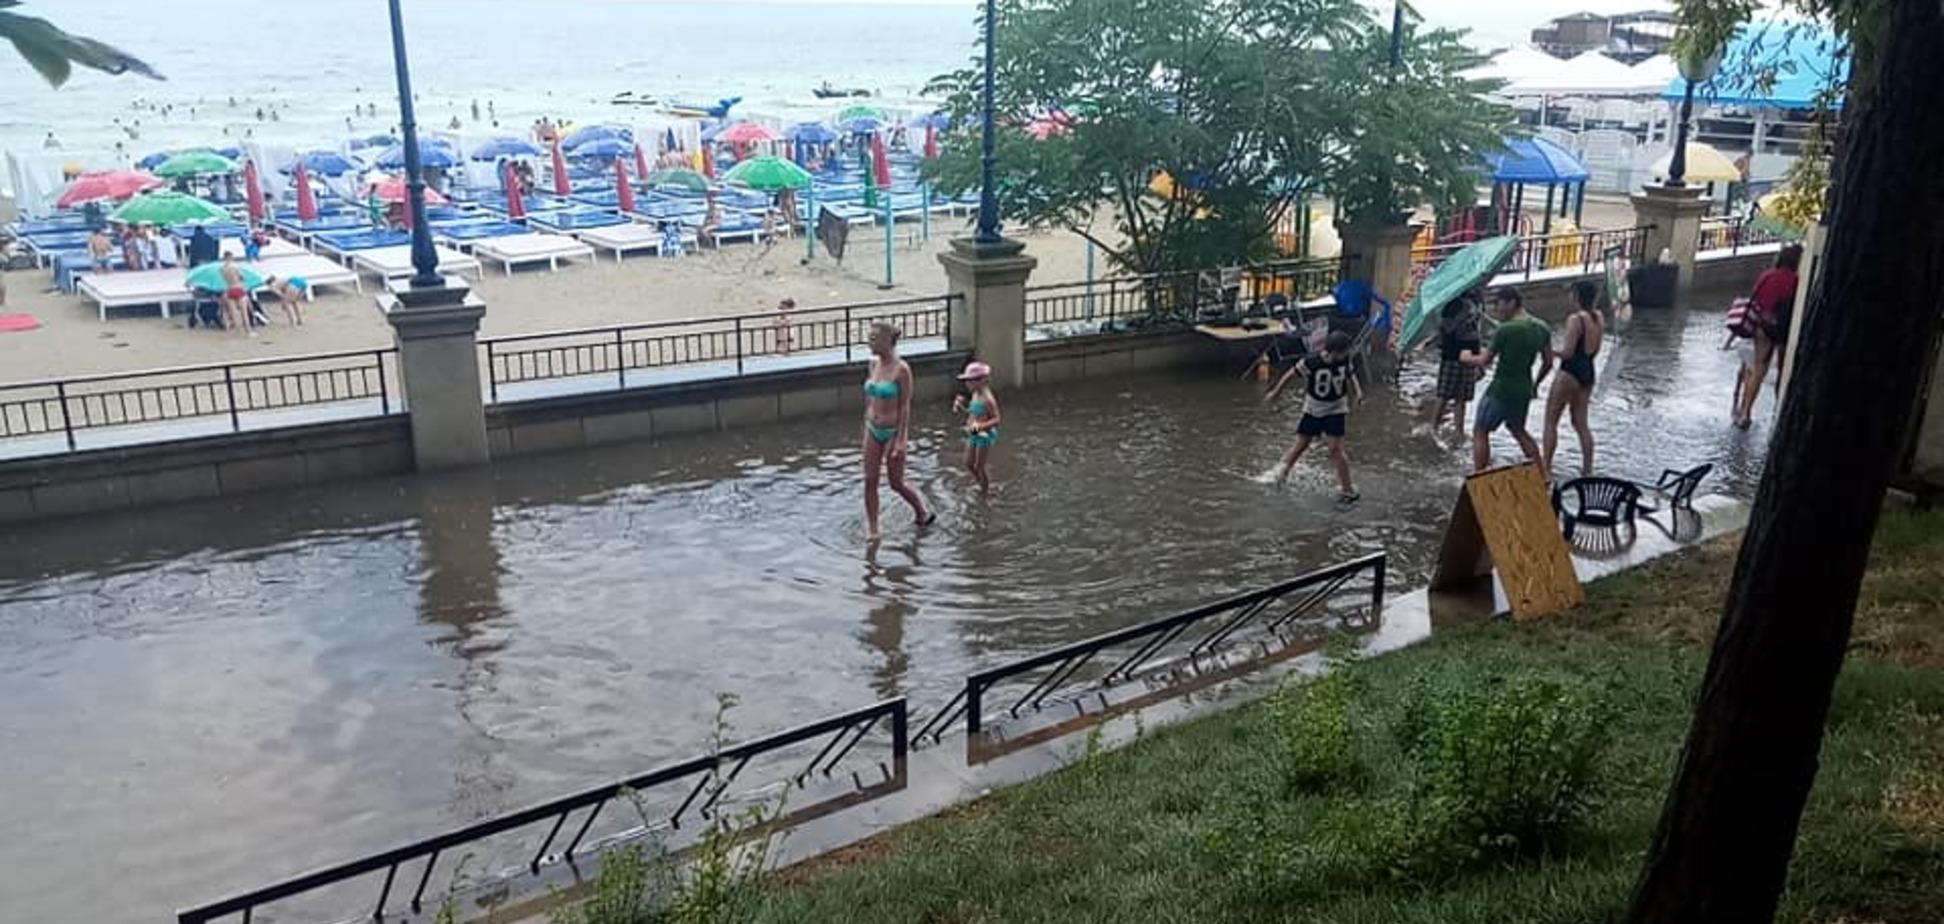 'Это фейк?' В Одессе поссорились из-за затопленной набережной